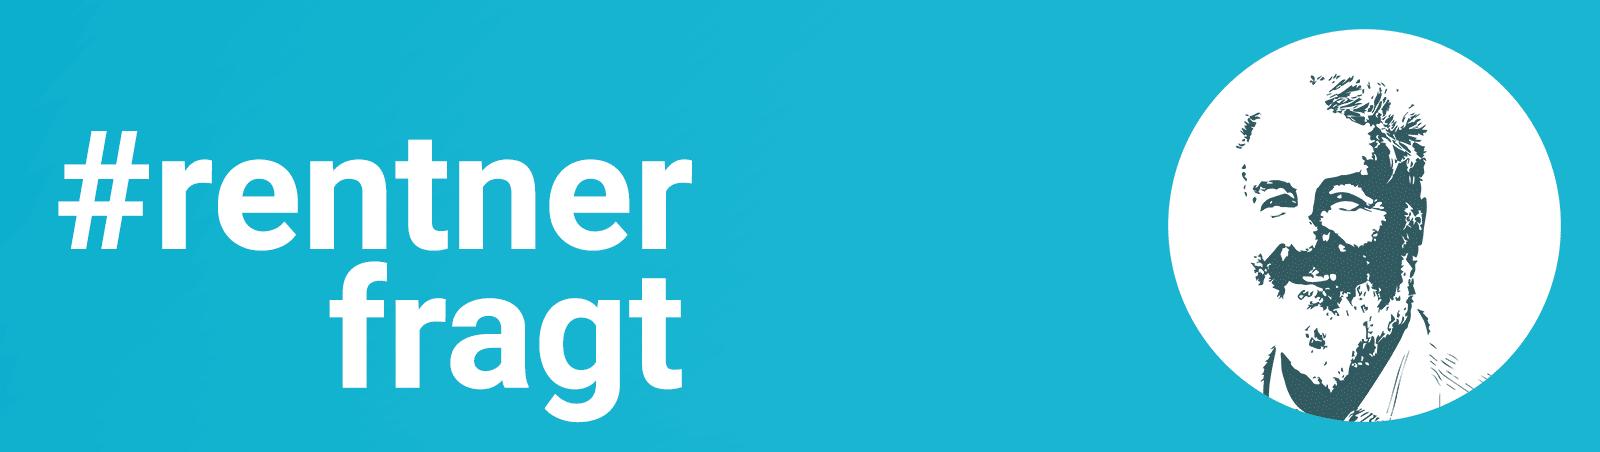 Rentner fragt – tinkla.com